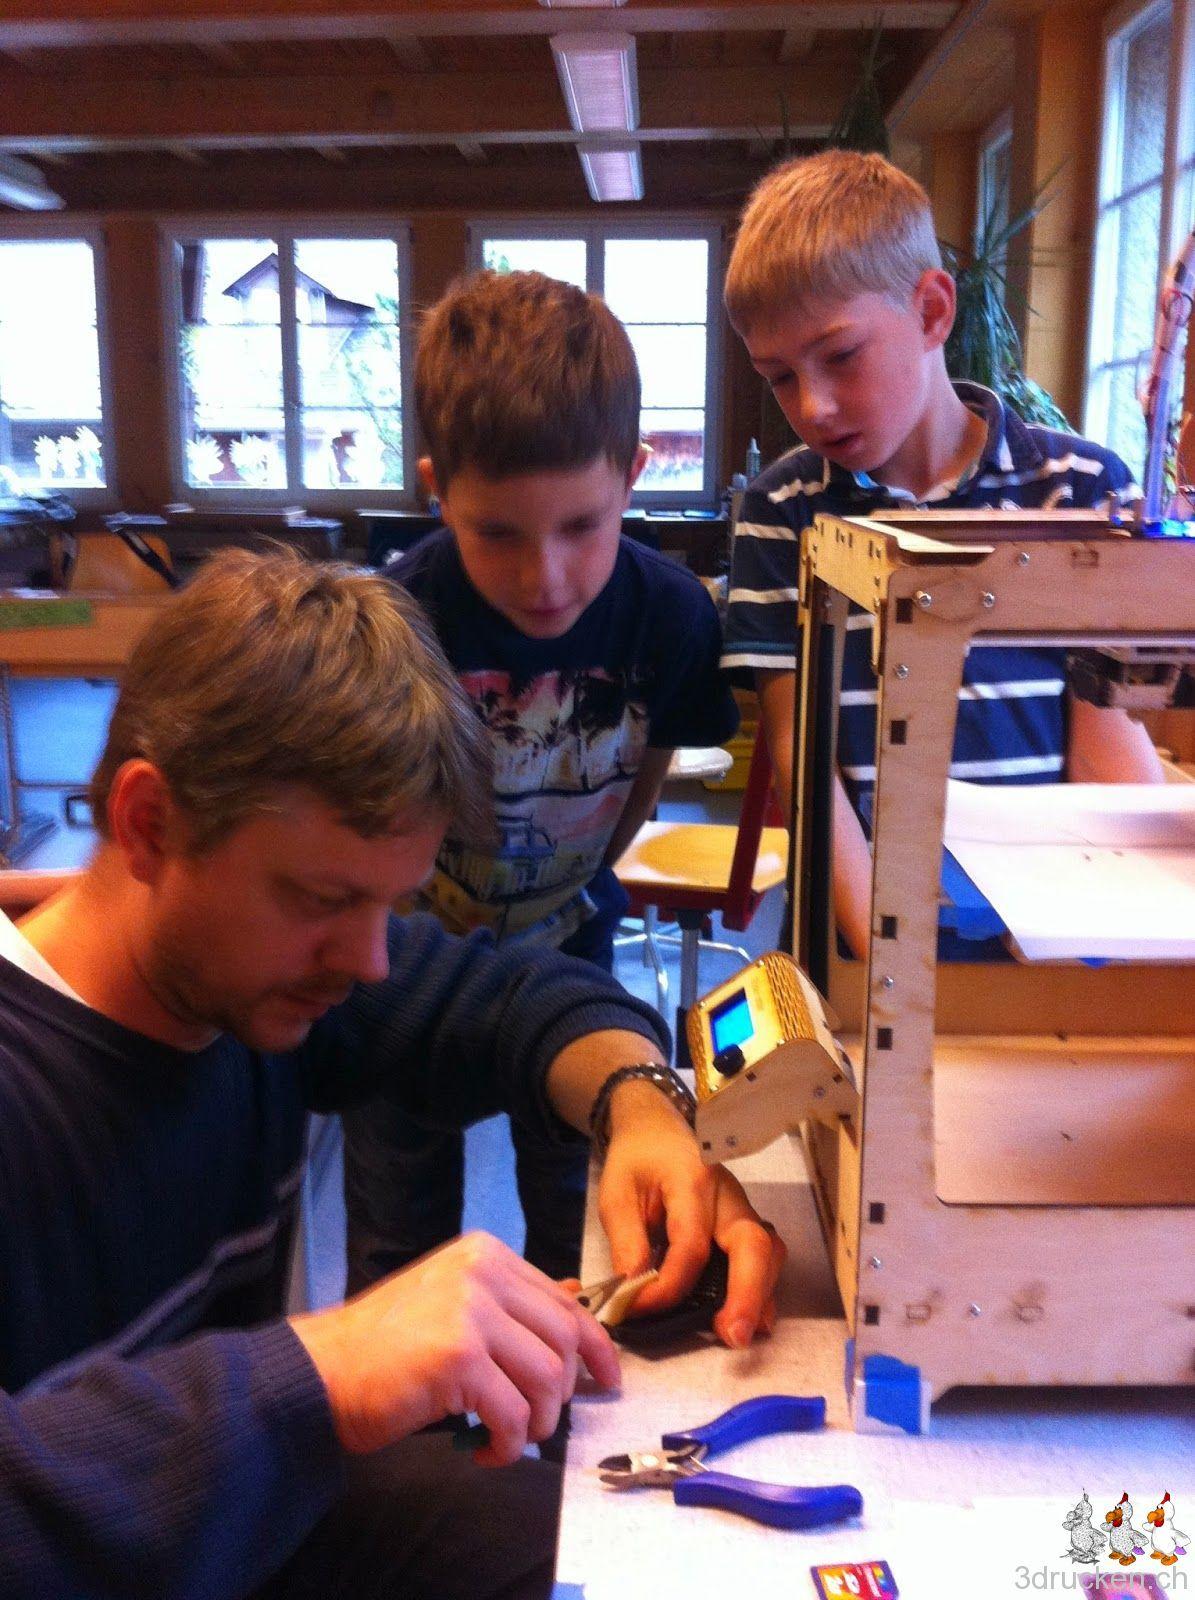 Foto von Gregor bei der Arbeit mit zwei Schülern als neugierige Zuschauer